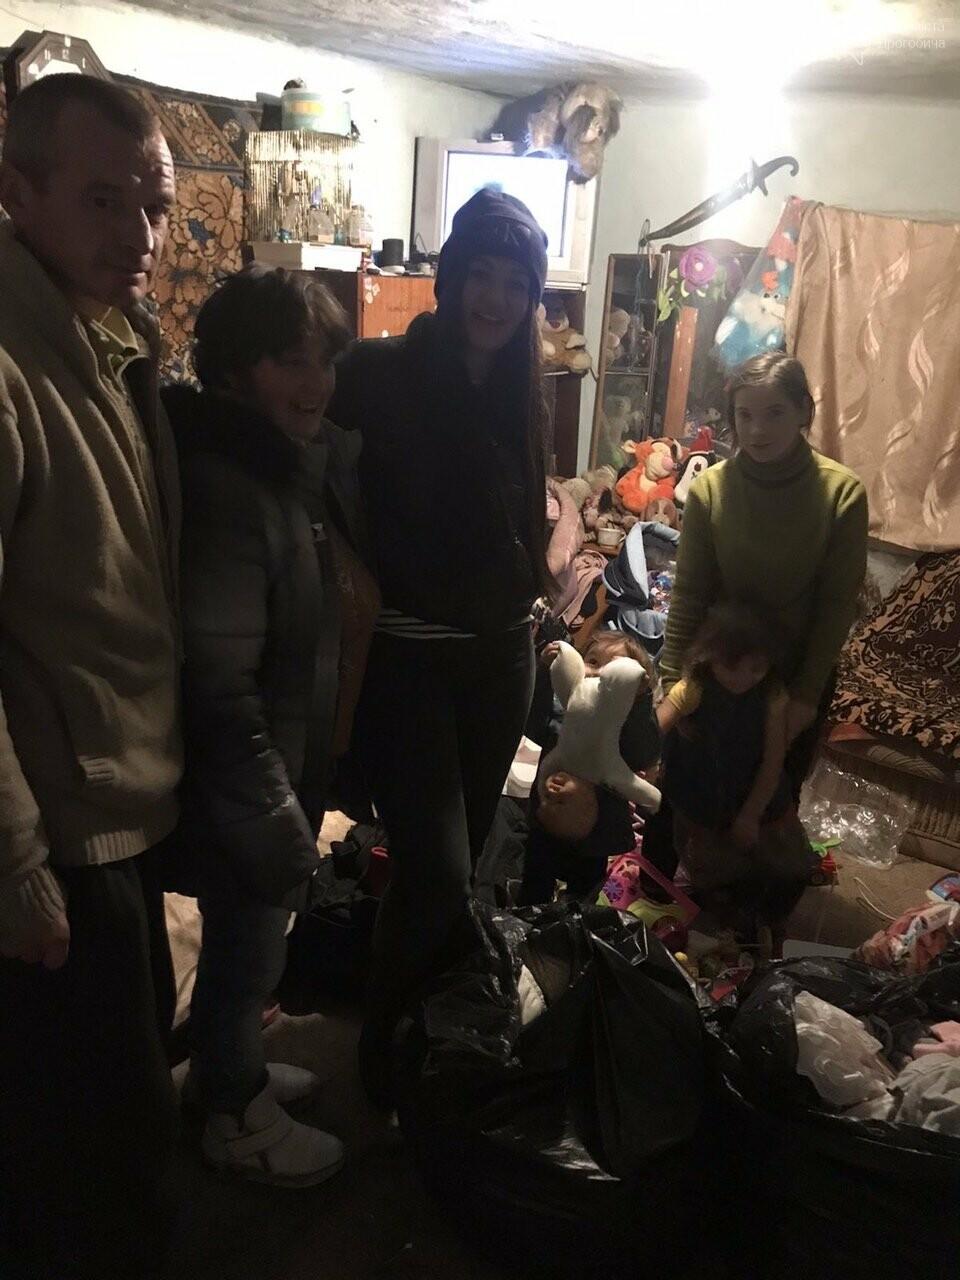 «Є сім'ї, які потребують не дорогих телефонів, а їжі та одягу», - Катя Максимова про благочинну акцію для потребуючих родин, фото-14